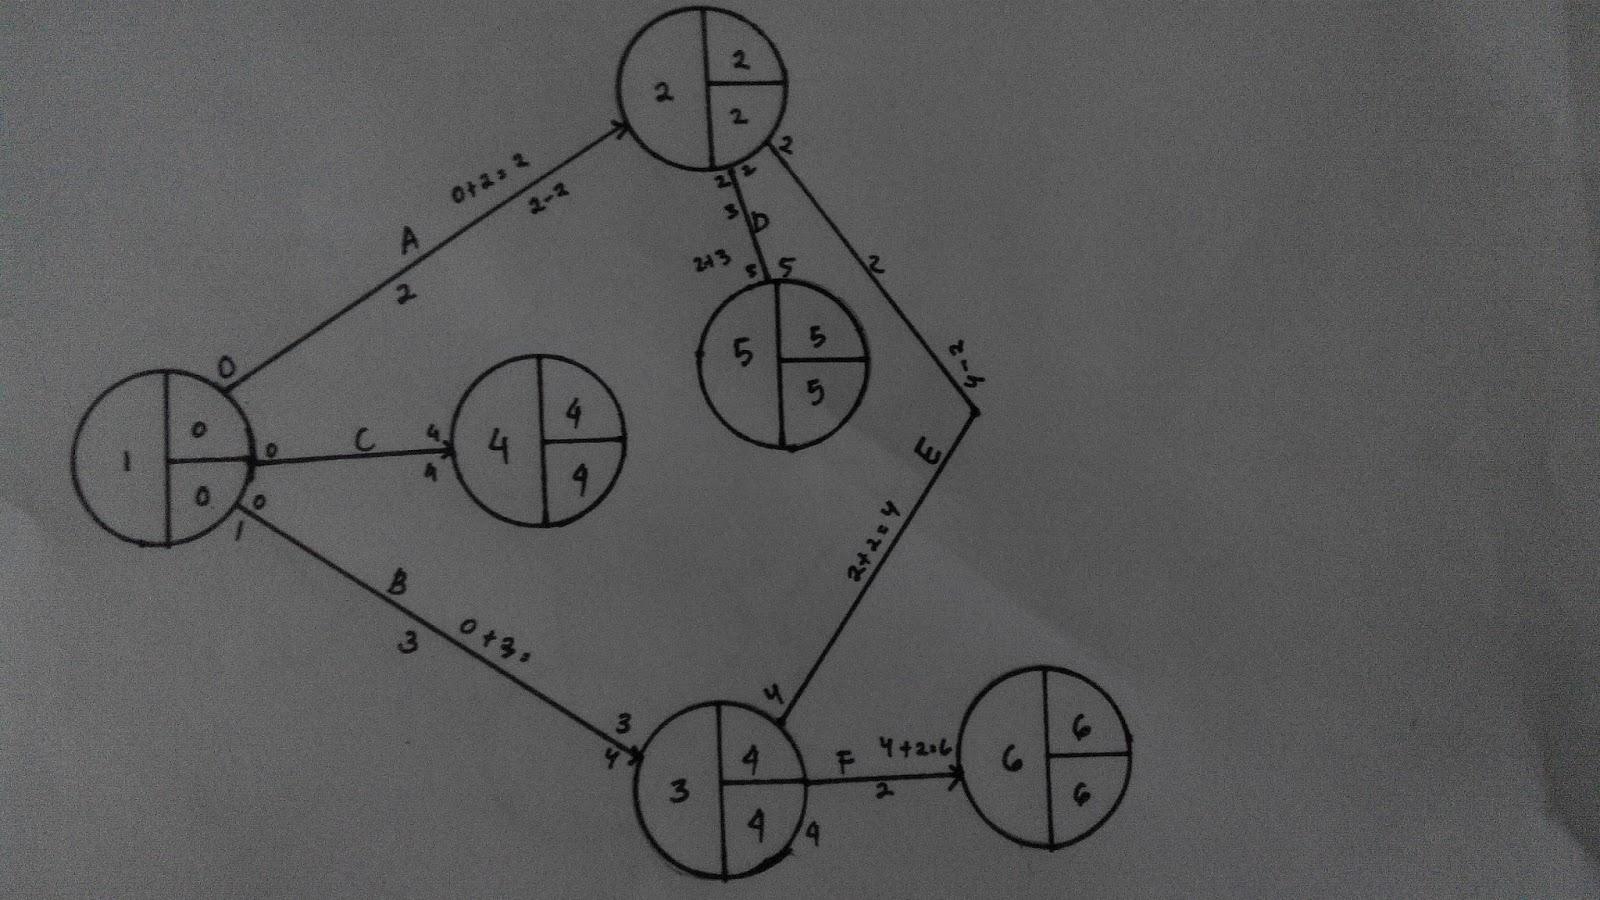 Rini romdianiyess diagram jaringan kerja menghitung spc dan spl ccuart Images